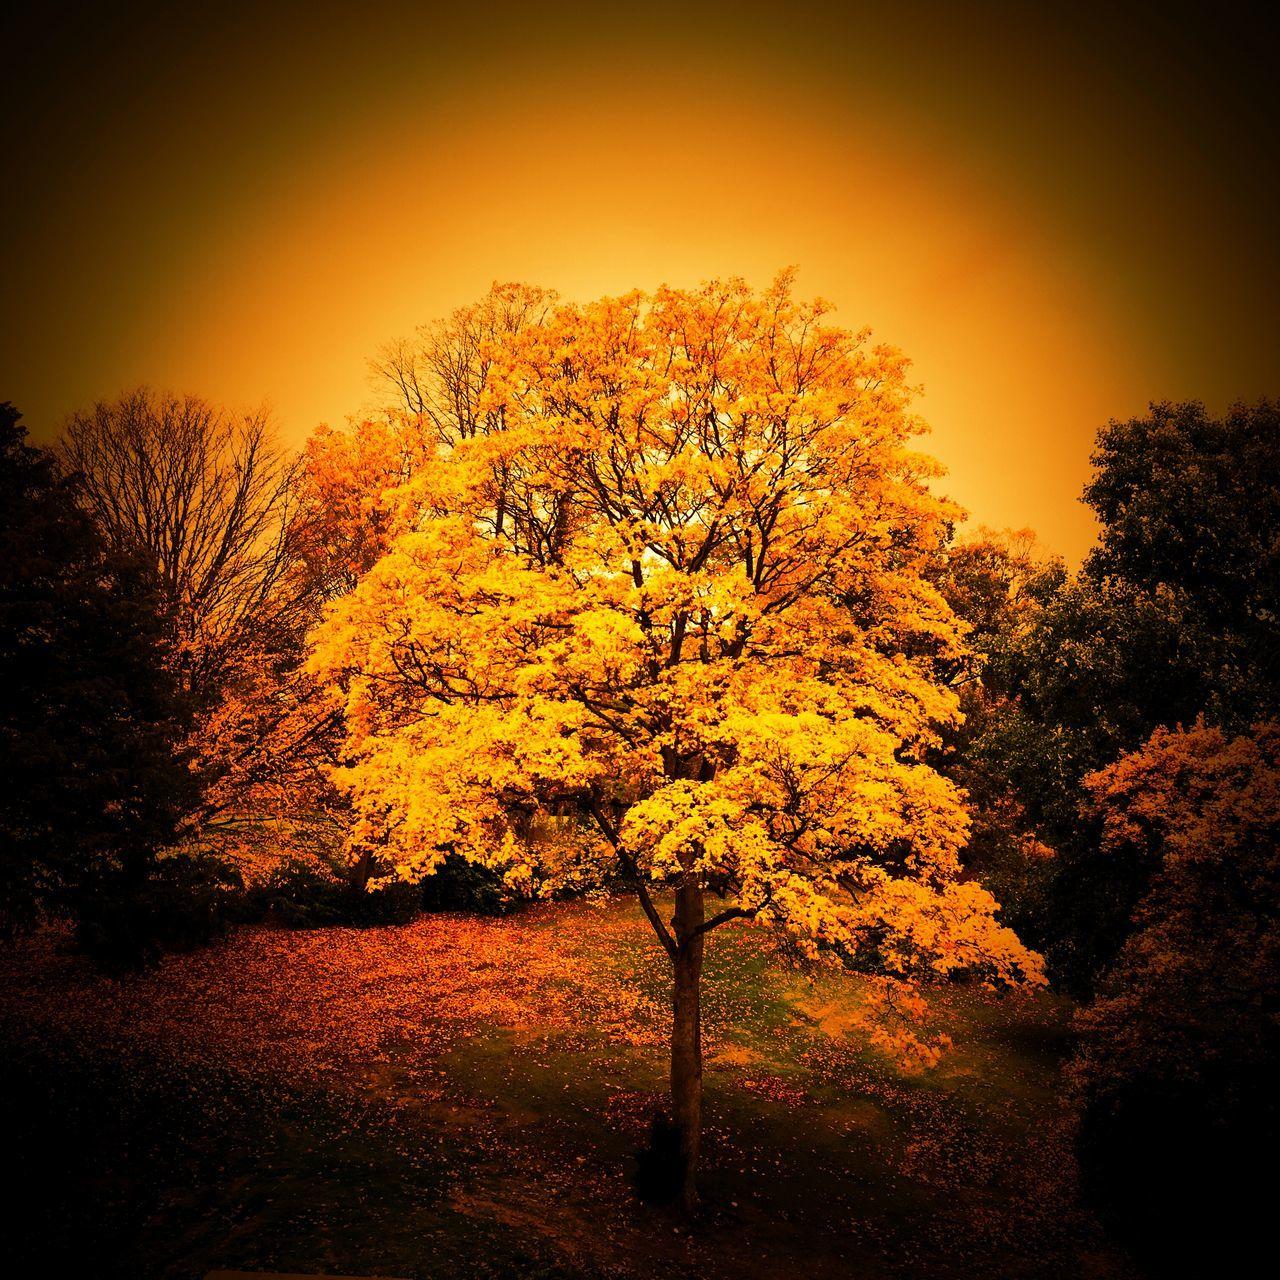 Autumn scene taken from Queens Park in Crewe Cheshire.